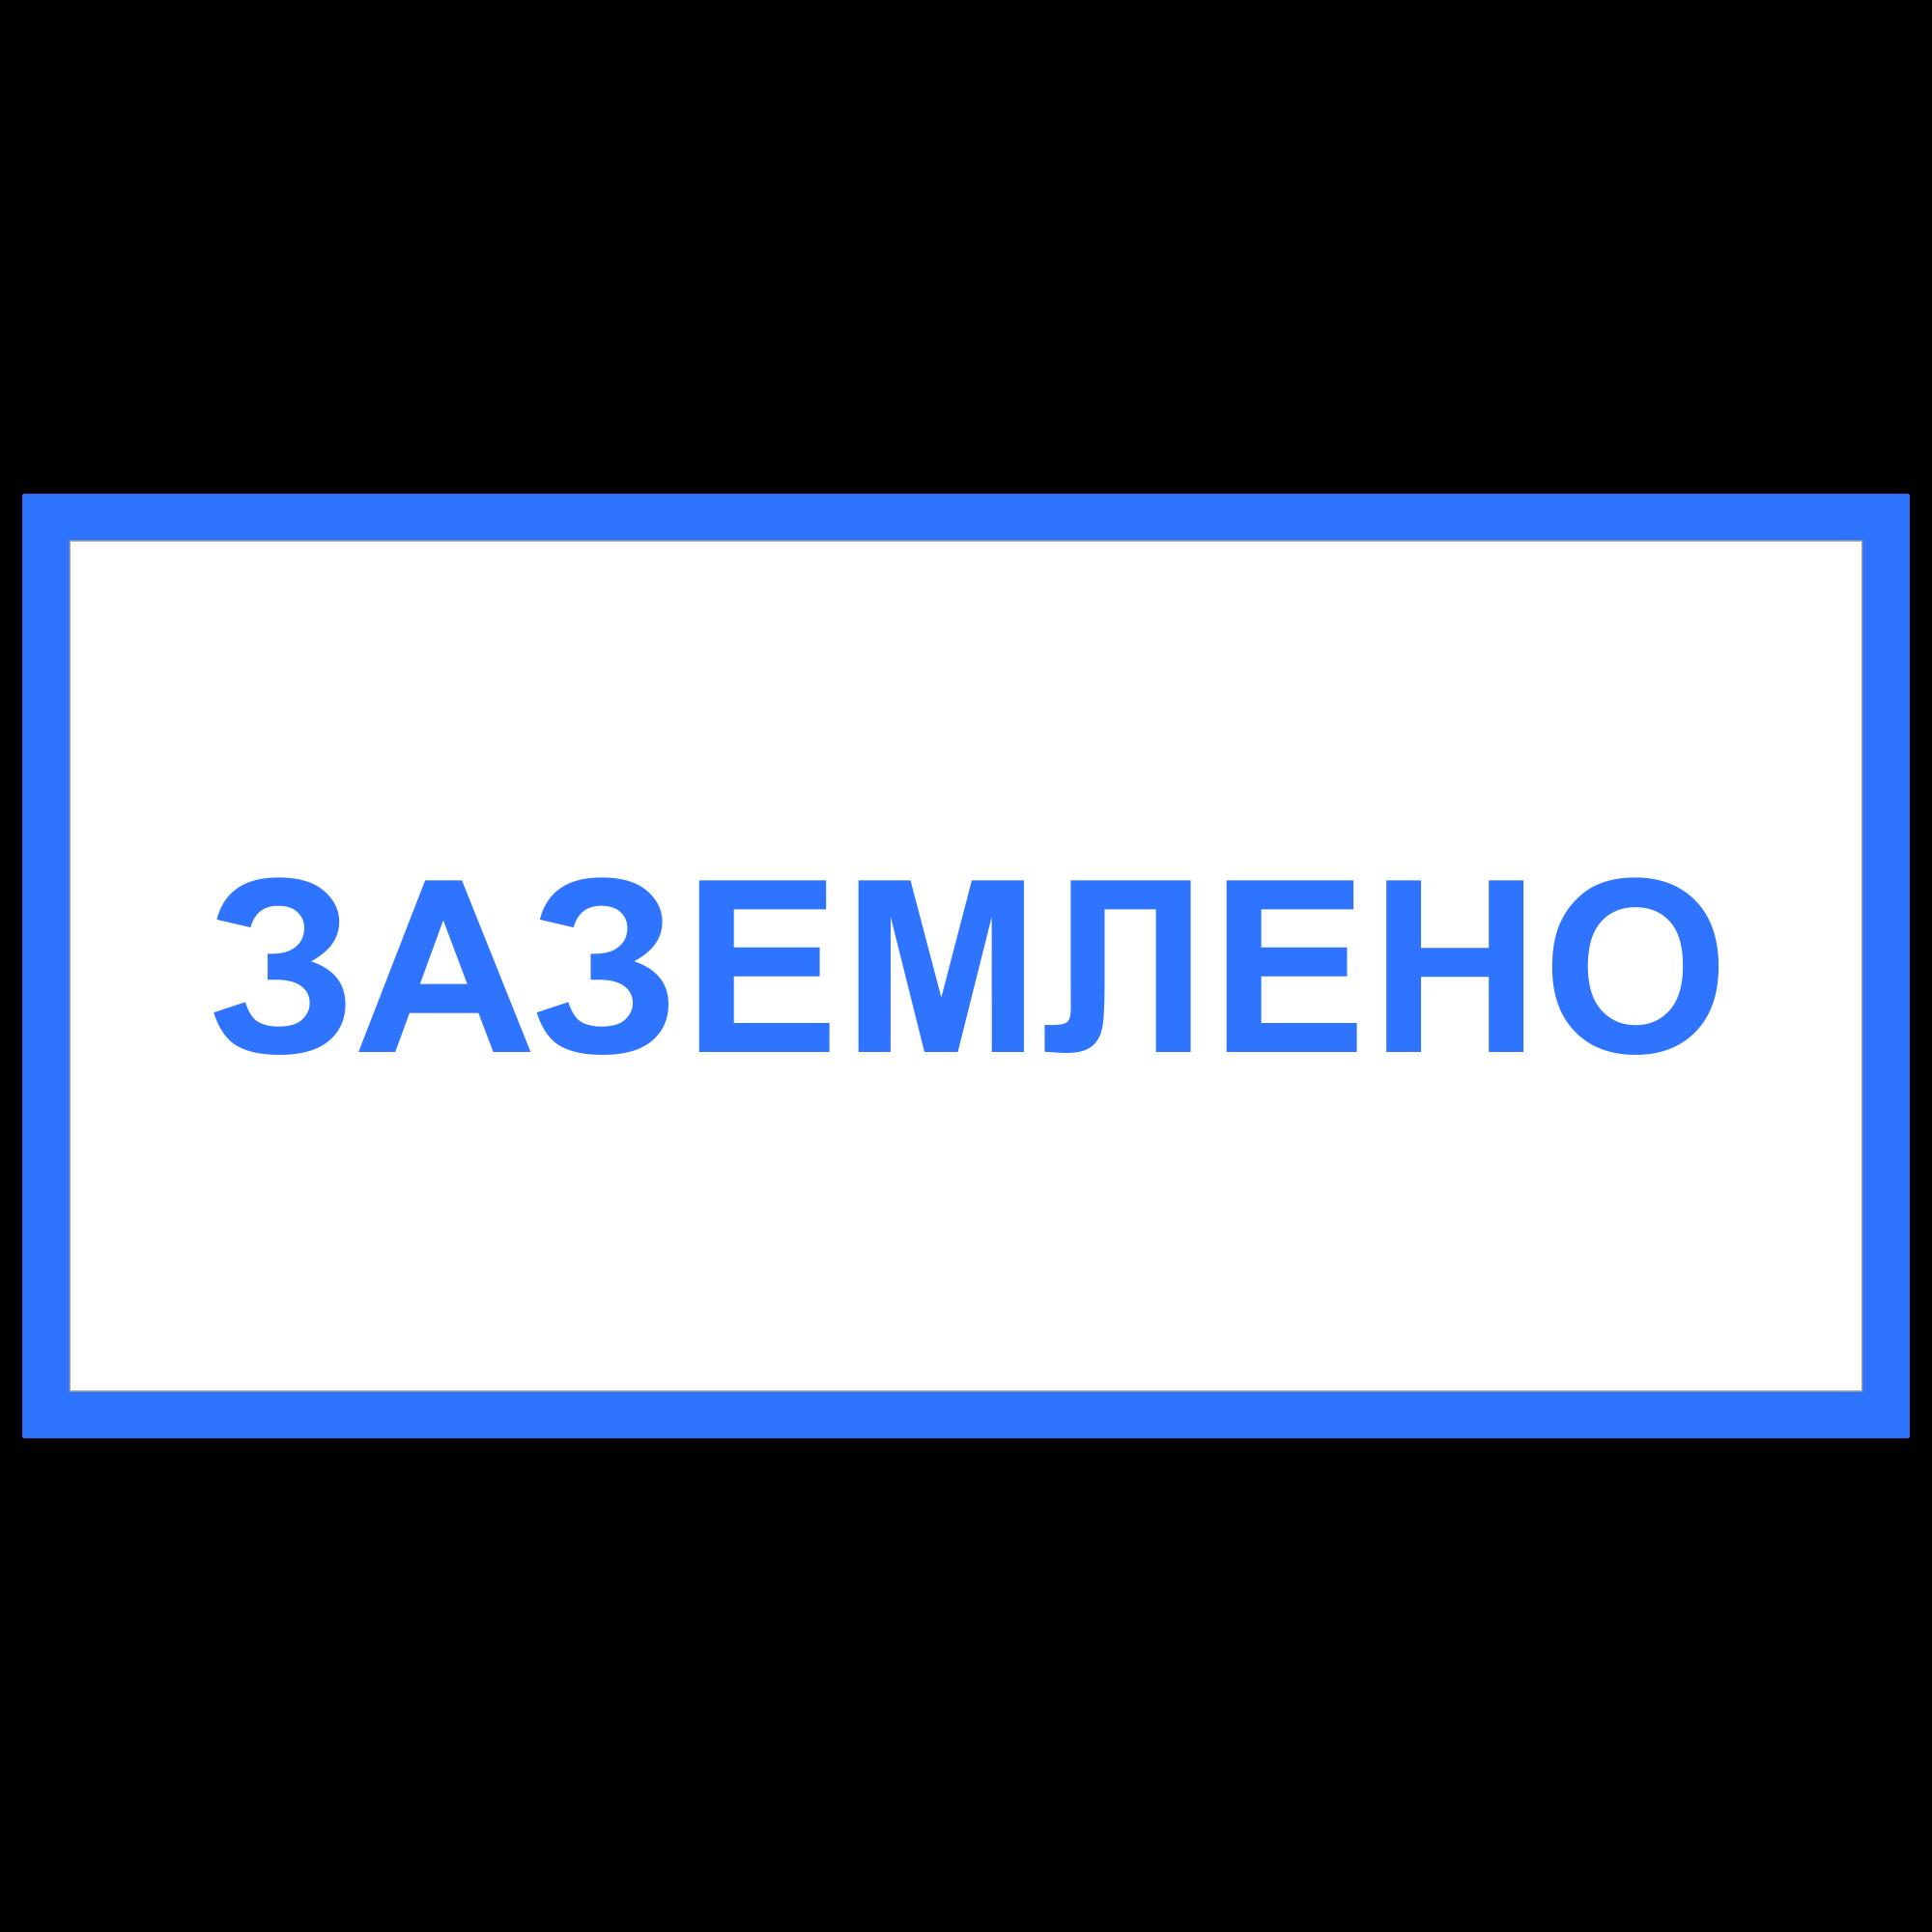 ЭБ-03 Заземлено